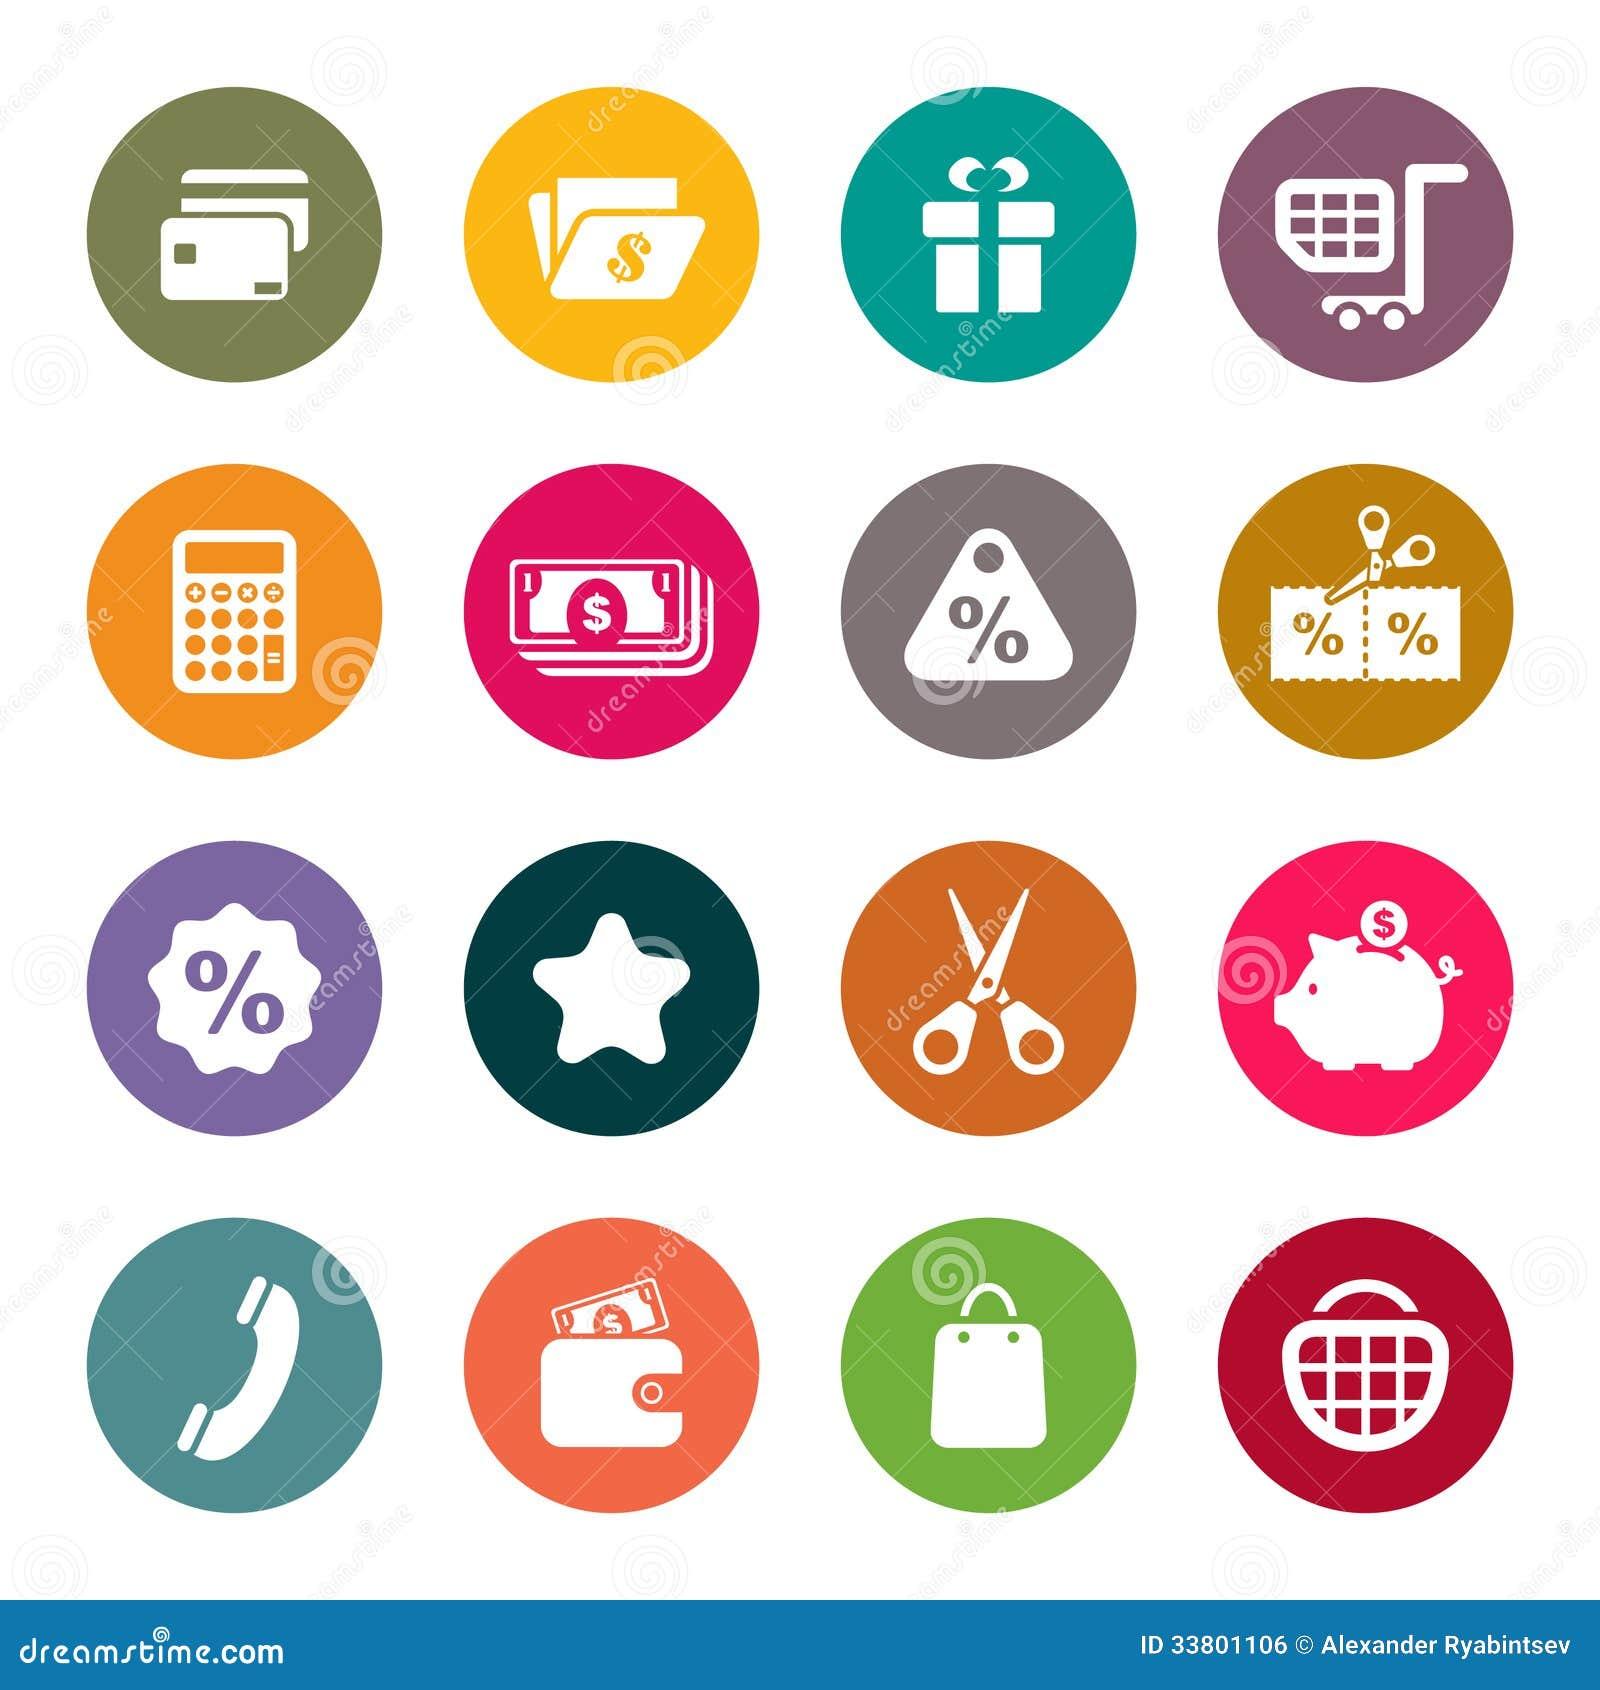 shopping theme icon set royalty free stock image image